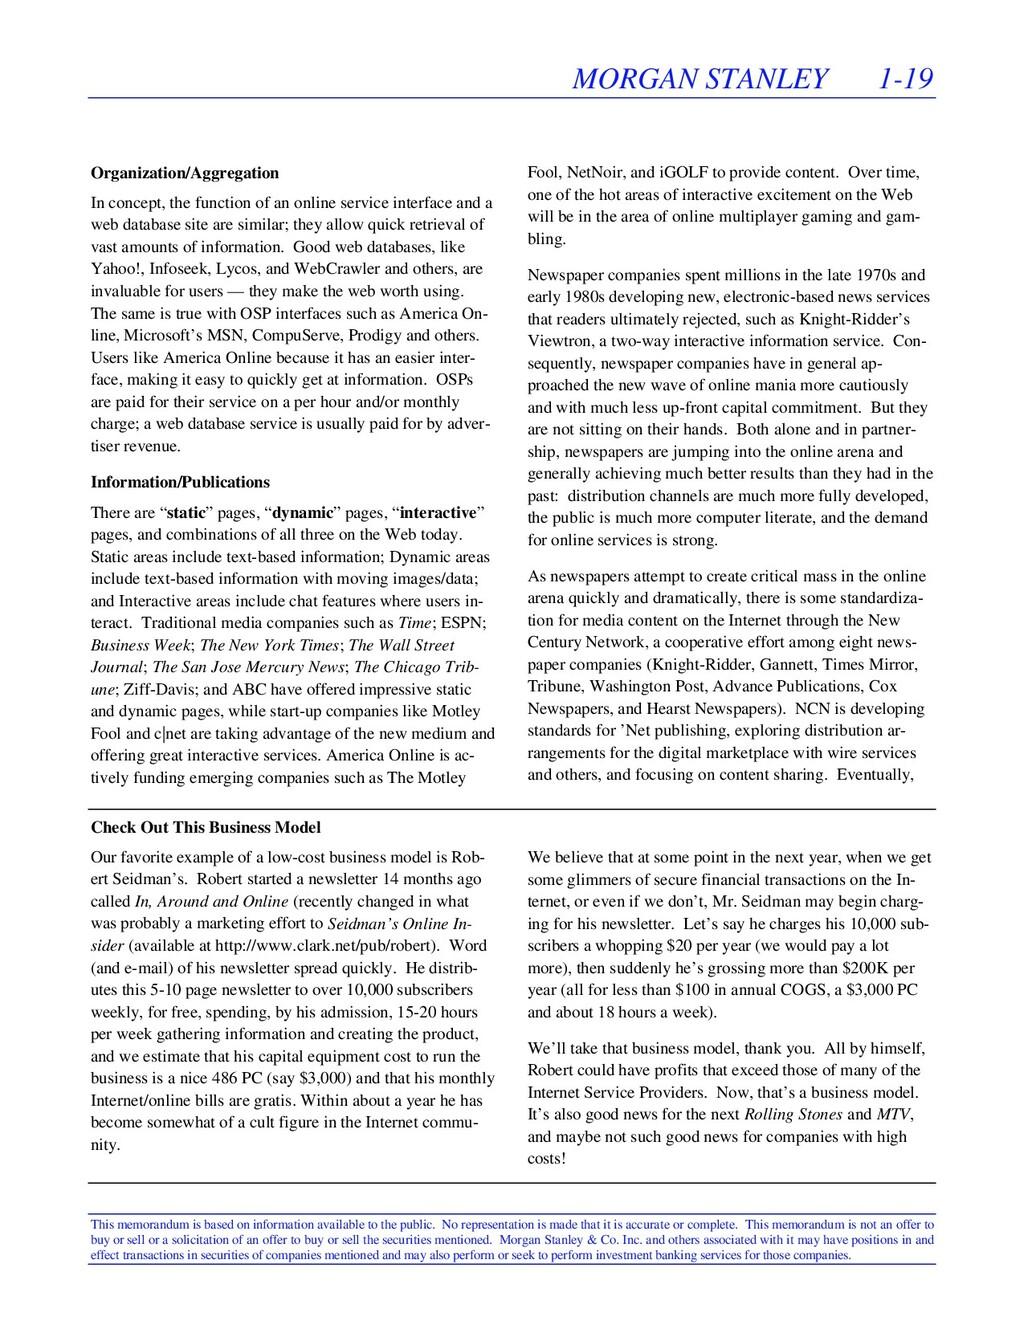 MORGAN STANLEY 1-19 This memorandum is based on...